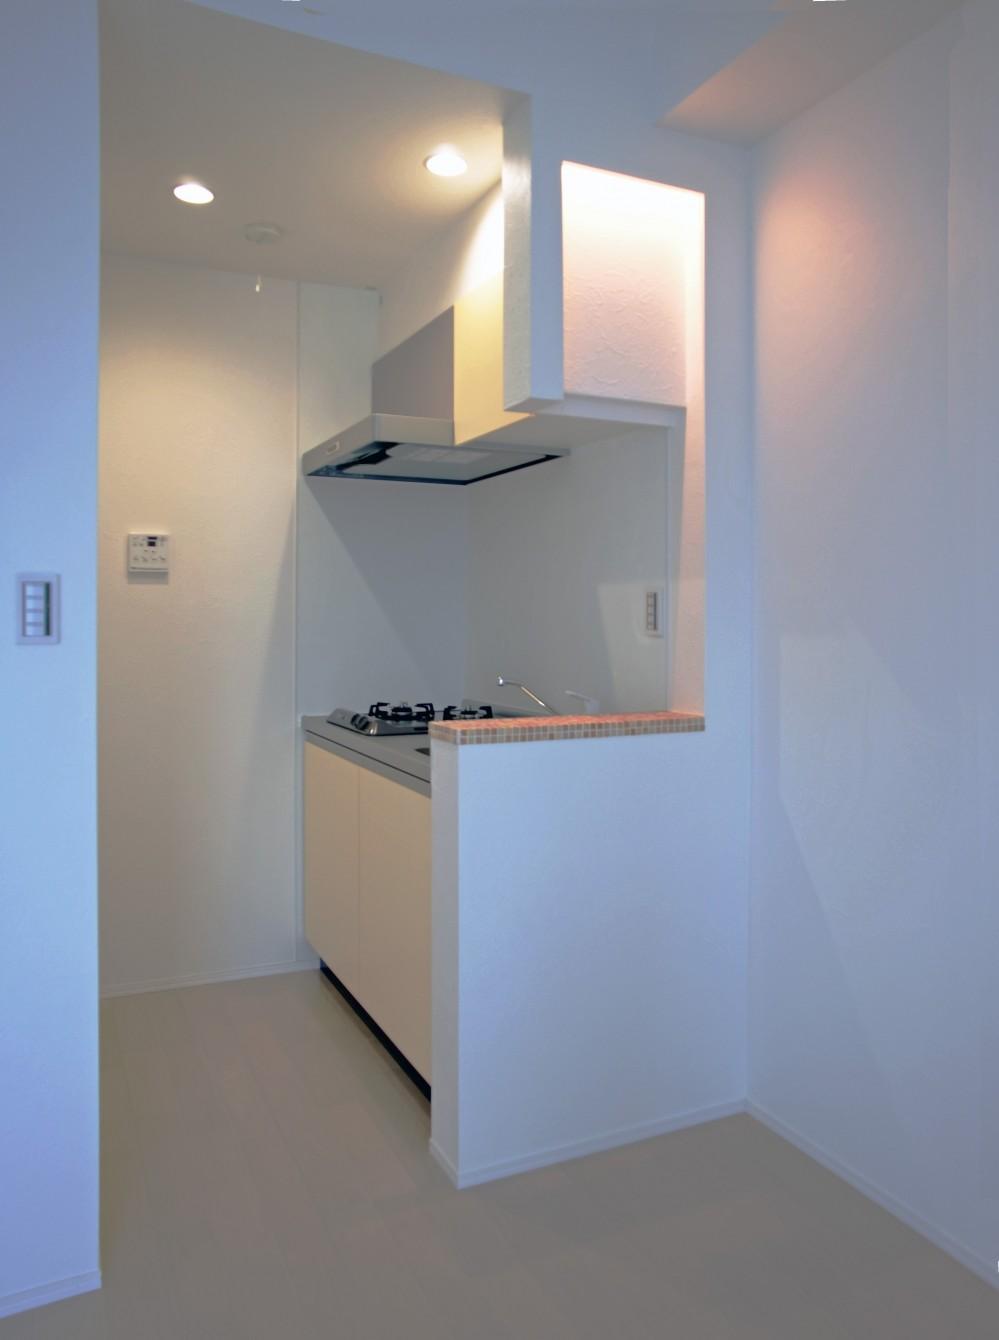 デザイナーズ集合住宅・共同住宅 (デザイナーズキッチン+間接照明+カウンターにモザイクタイル)